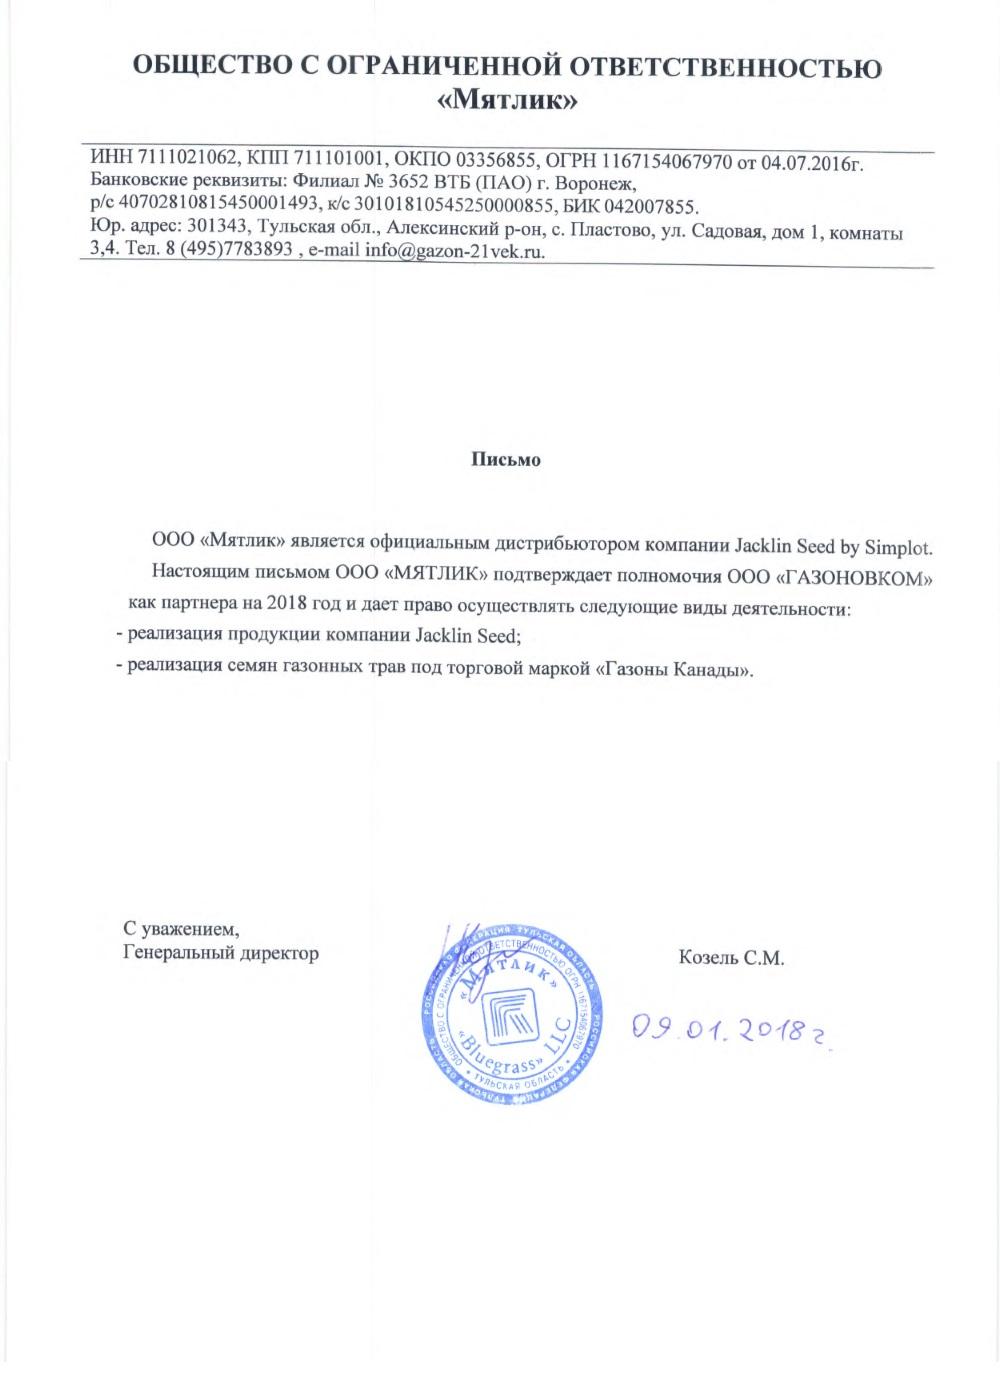 http://gazonov.com/images/upload/pismo-jacklin-1.jpg